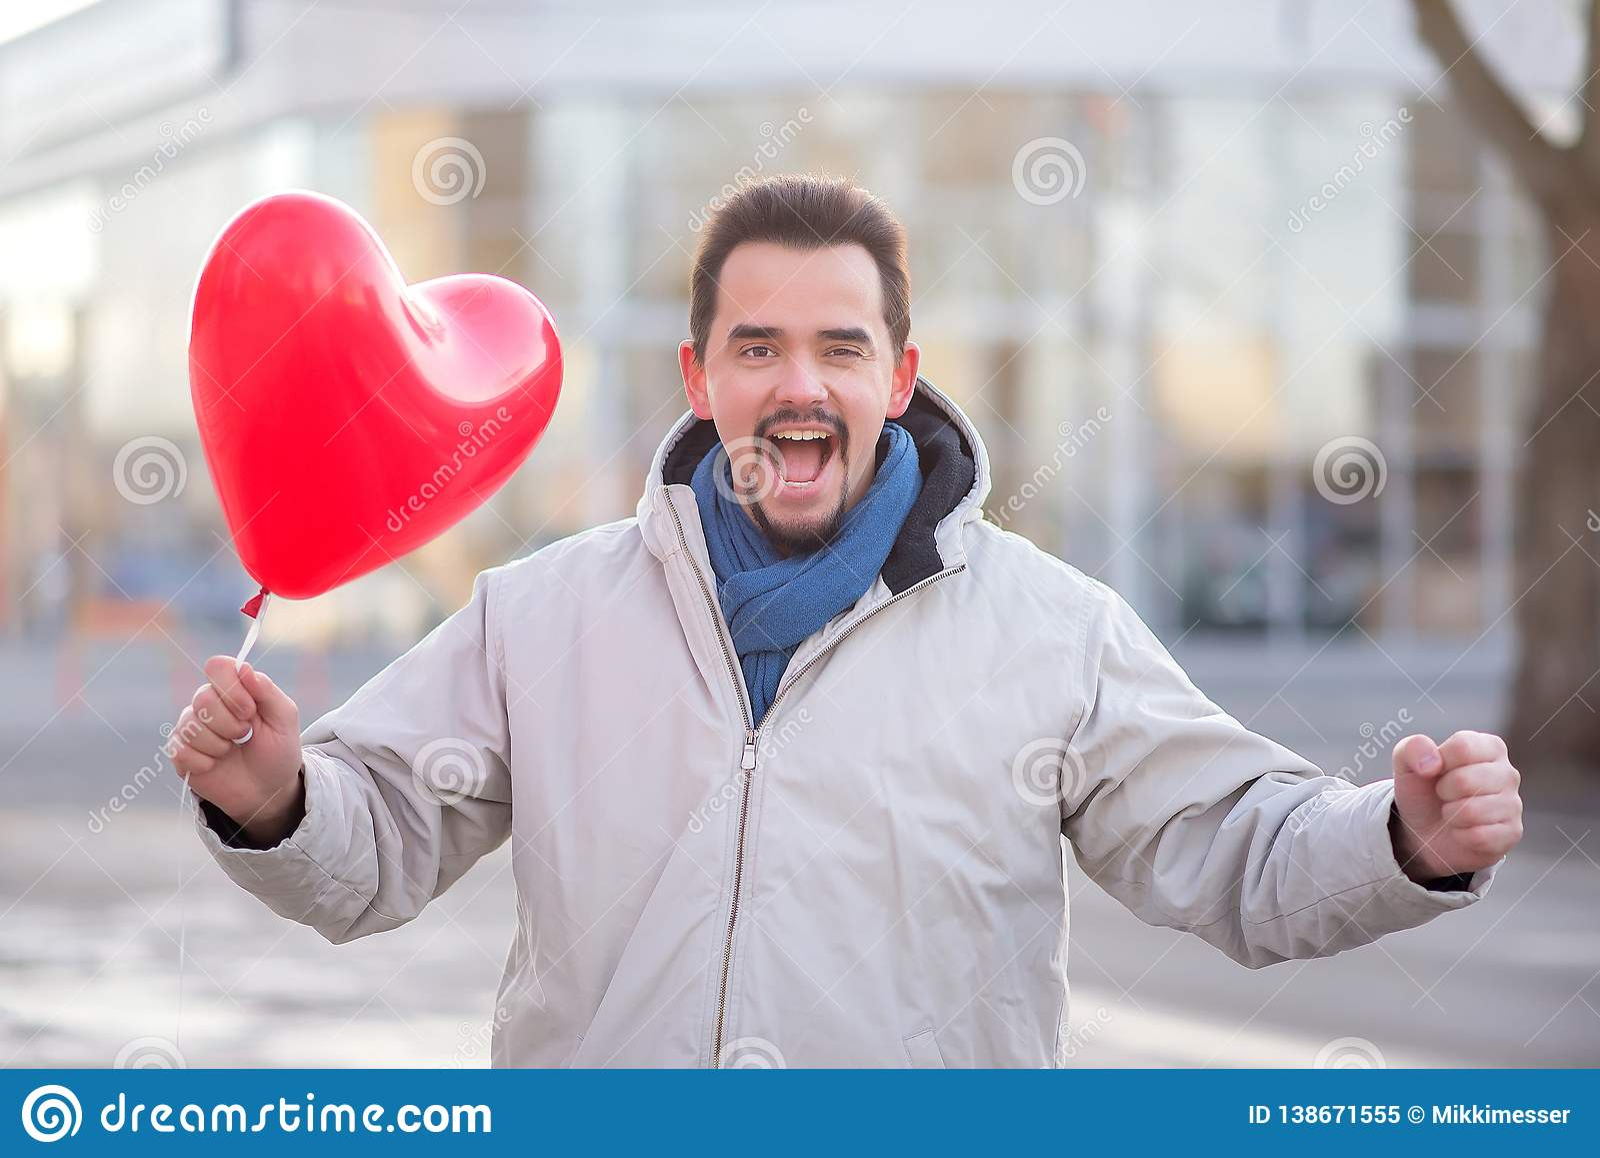 Gaf de gelukkig lachende knappe mens met een rood hart luchtimpuls gestalte die zich in een stadsstraat bevinden